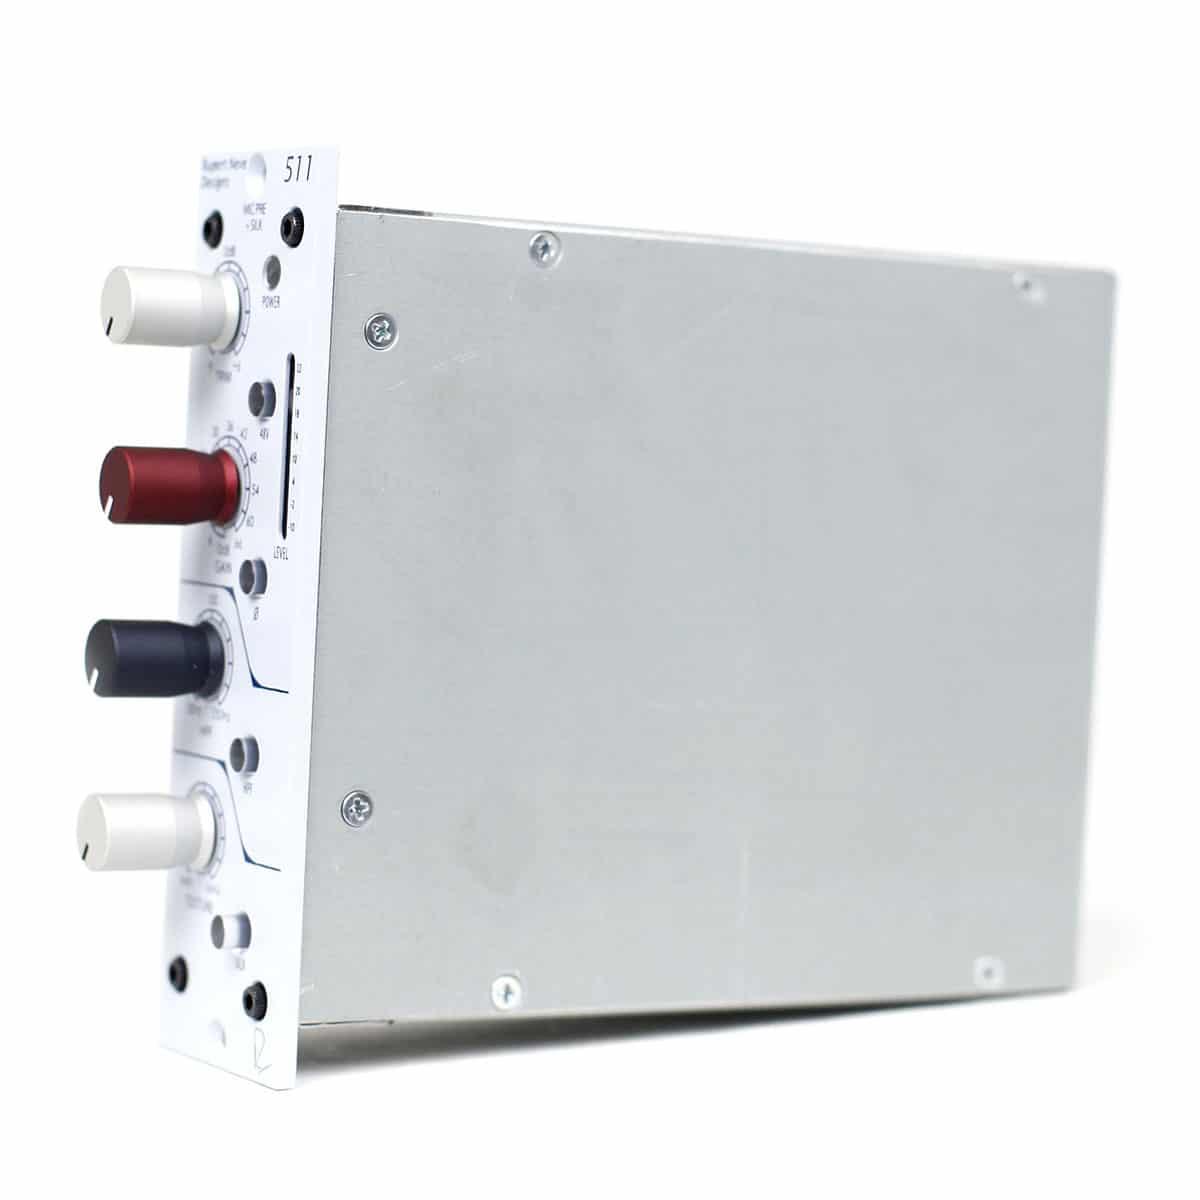 Rupert Neve 511 04 Pro Audio, Outboard, Preamplificatori Microfonici